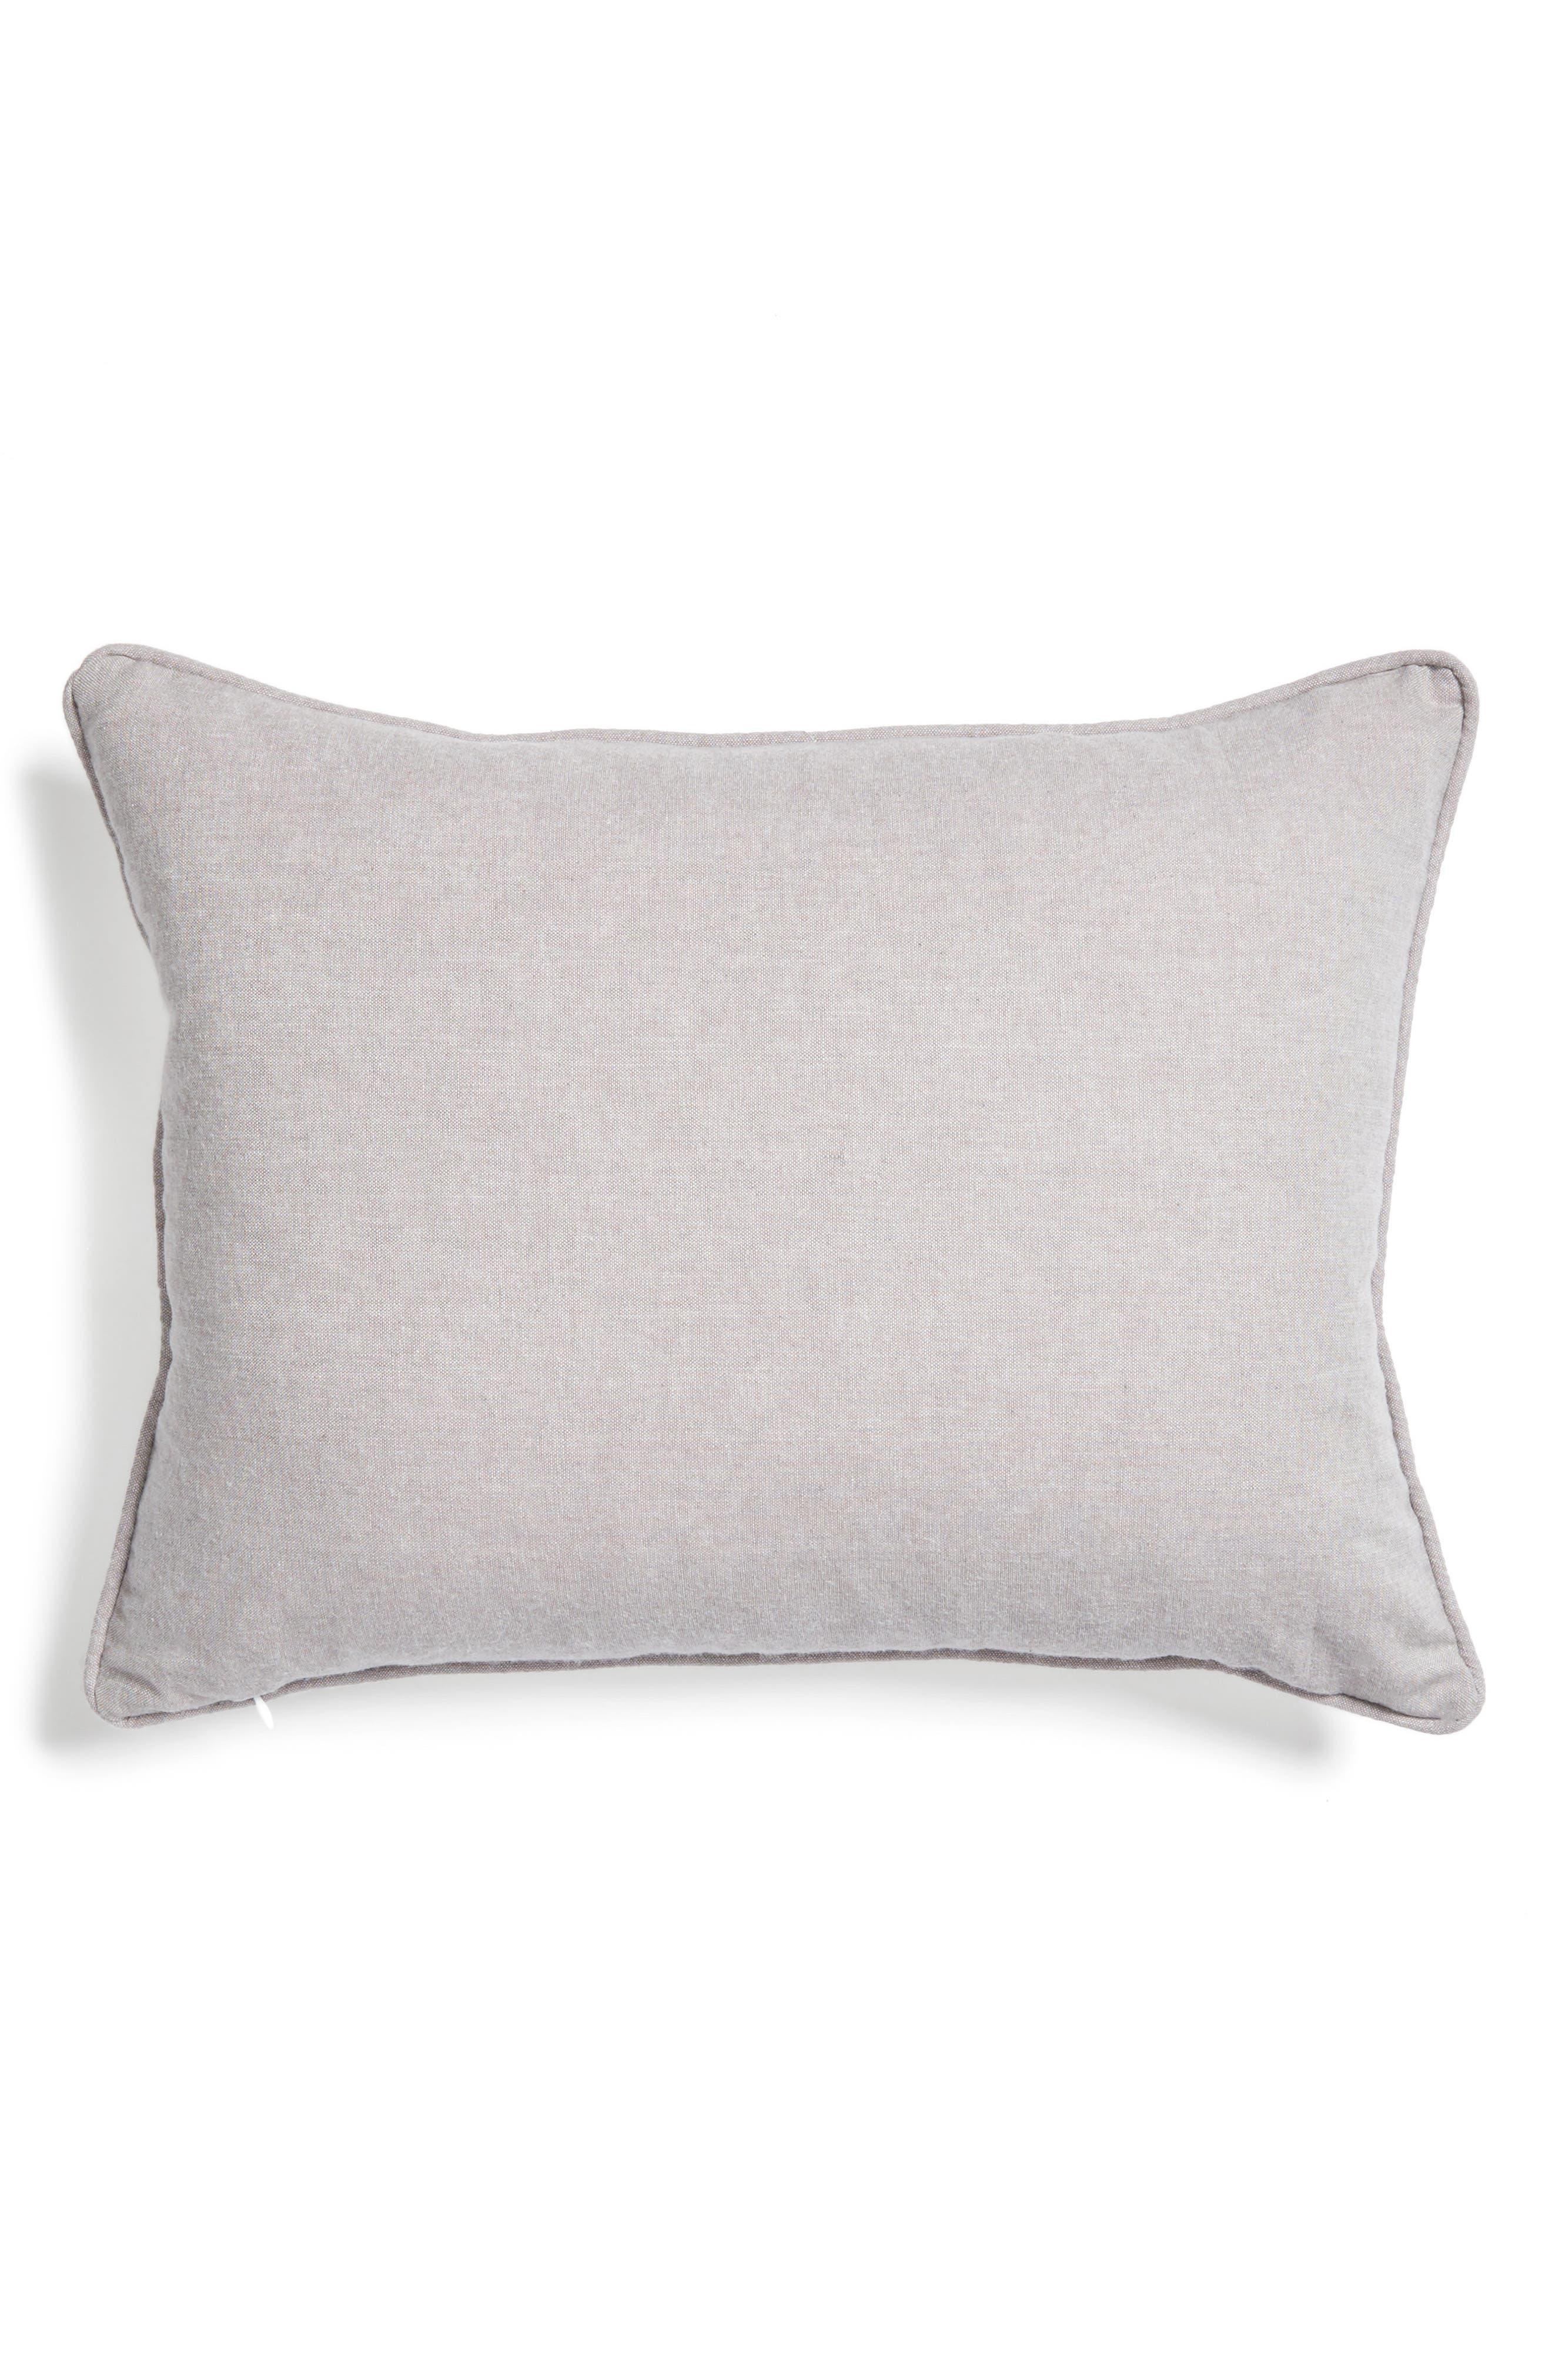 Parma Lavender Elephant Accent Pillow,                             Alternate thumbnail 2, color,                             900